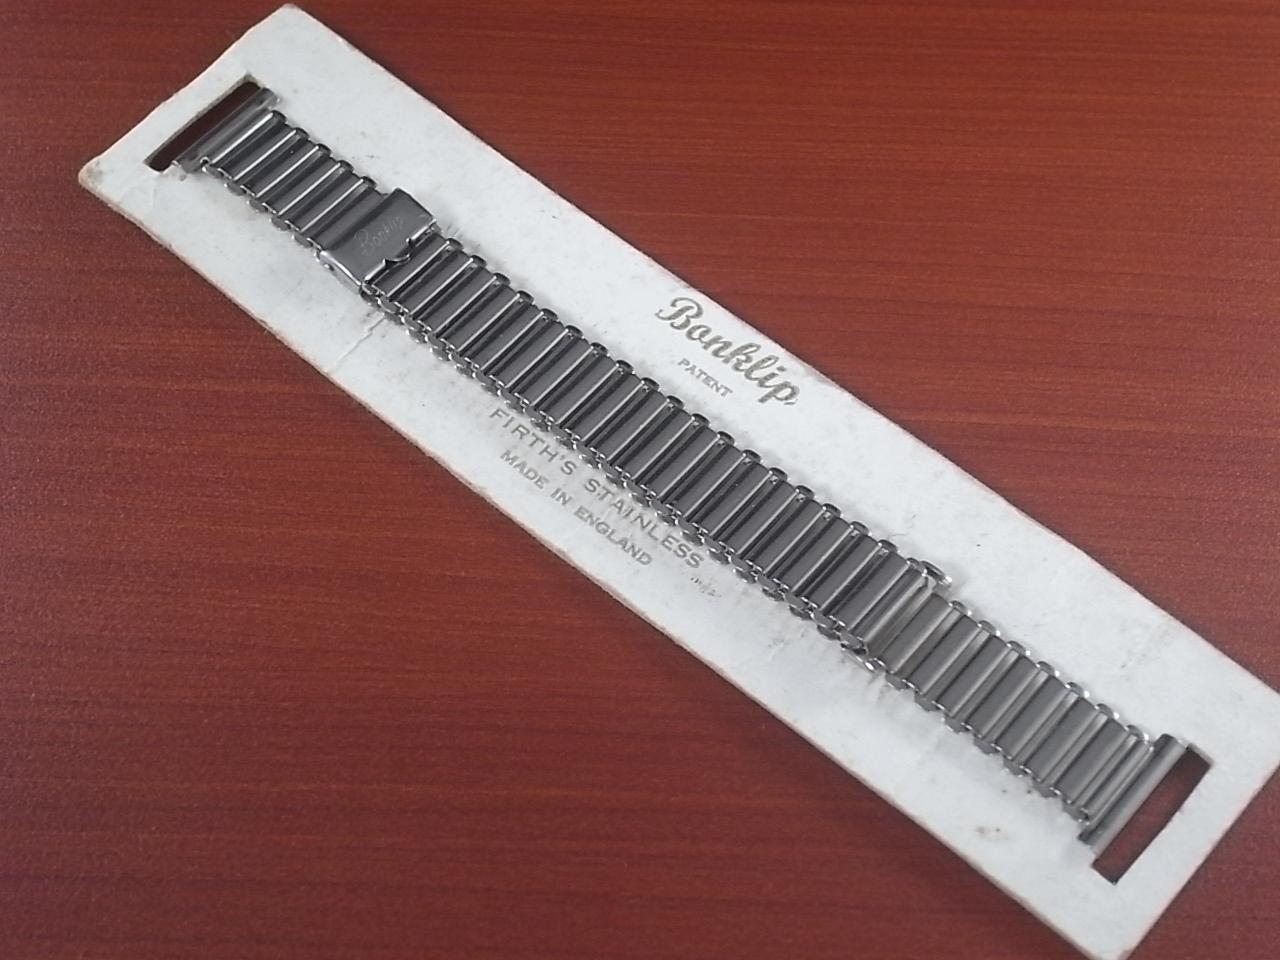 ボンクリップ バンブーブレス 筆記体ロゴ 未使用 N.O.S. 13mmタイプ 16mmのメイン写真